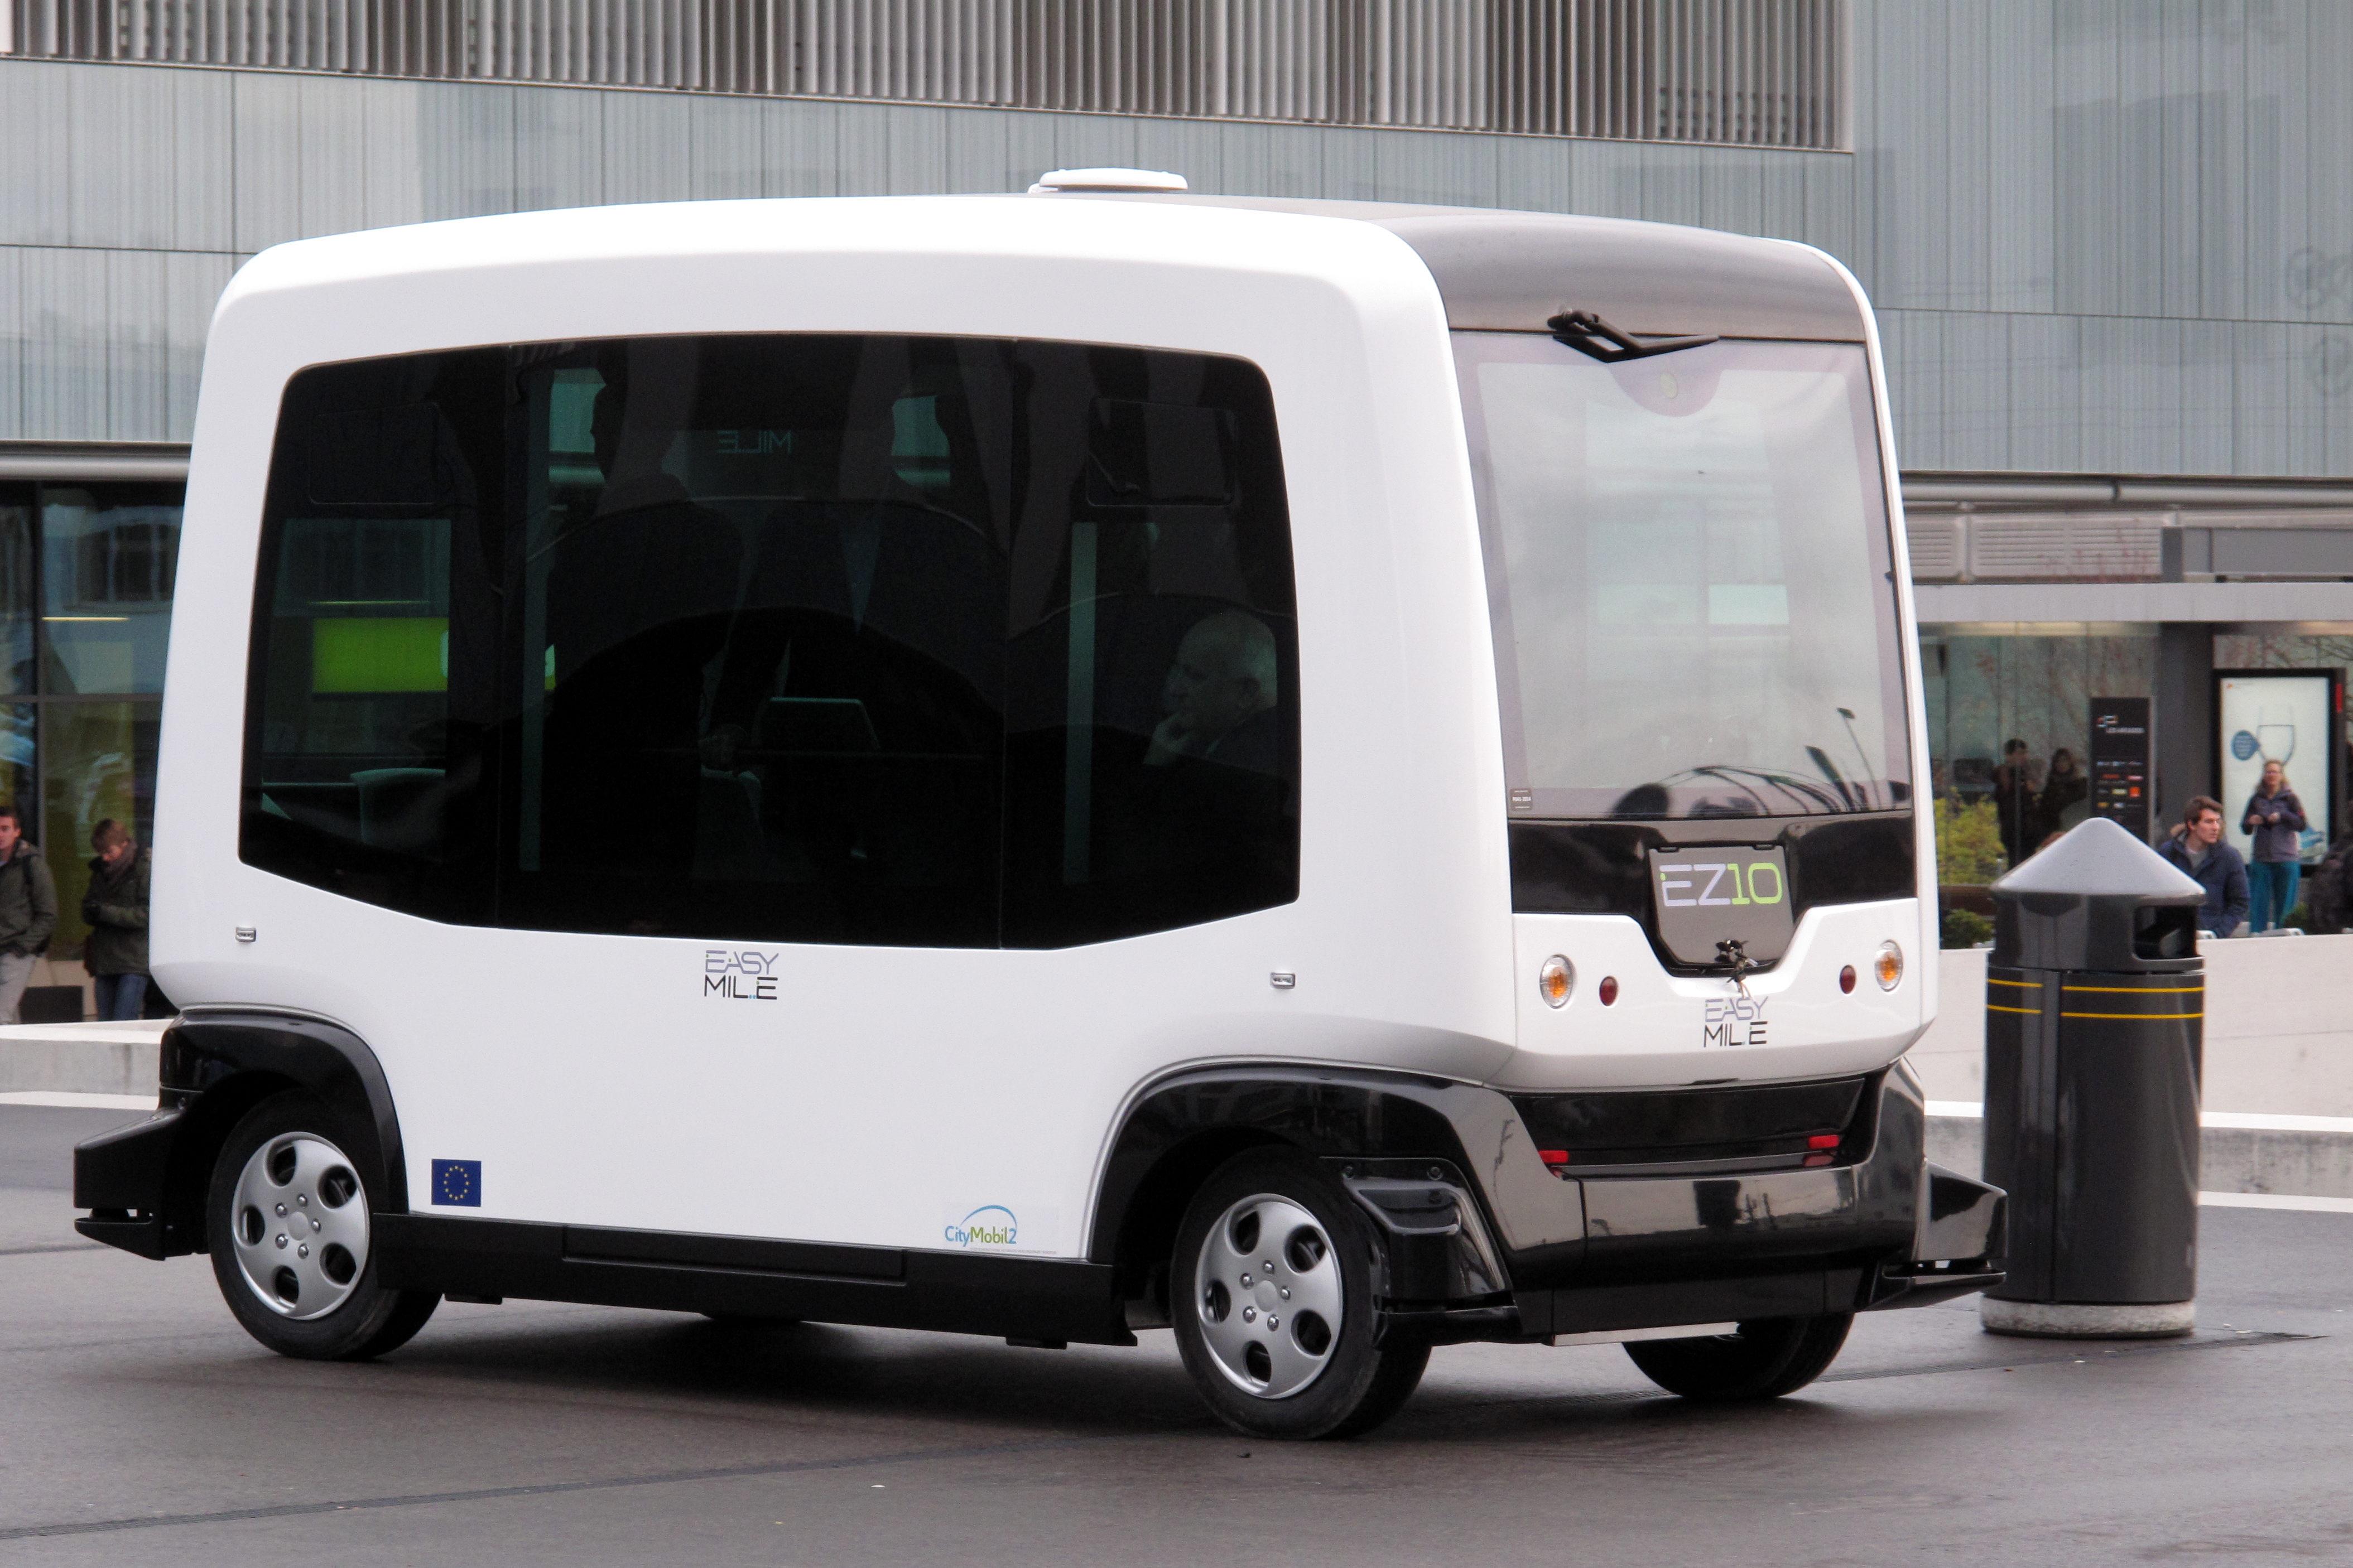 Selvkjørende busser snart en realitet i flere norske byer